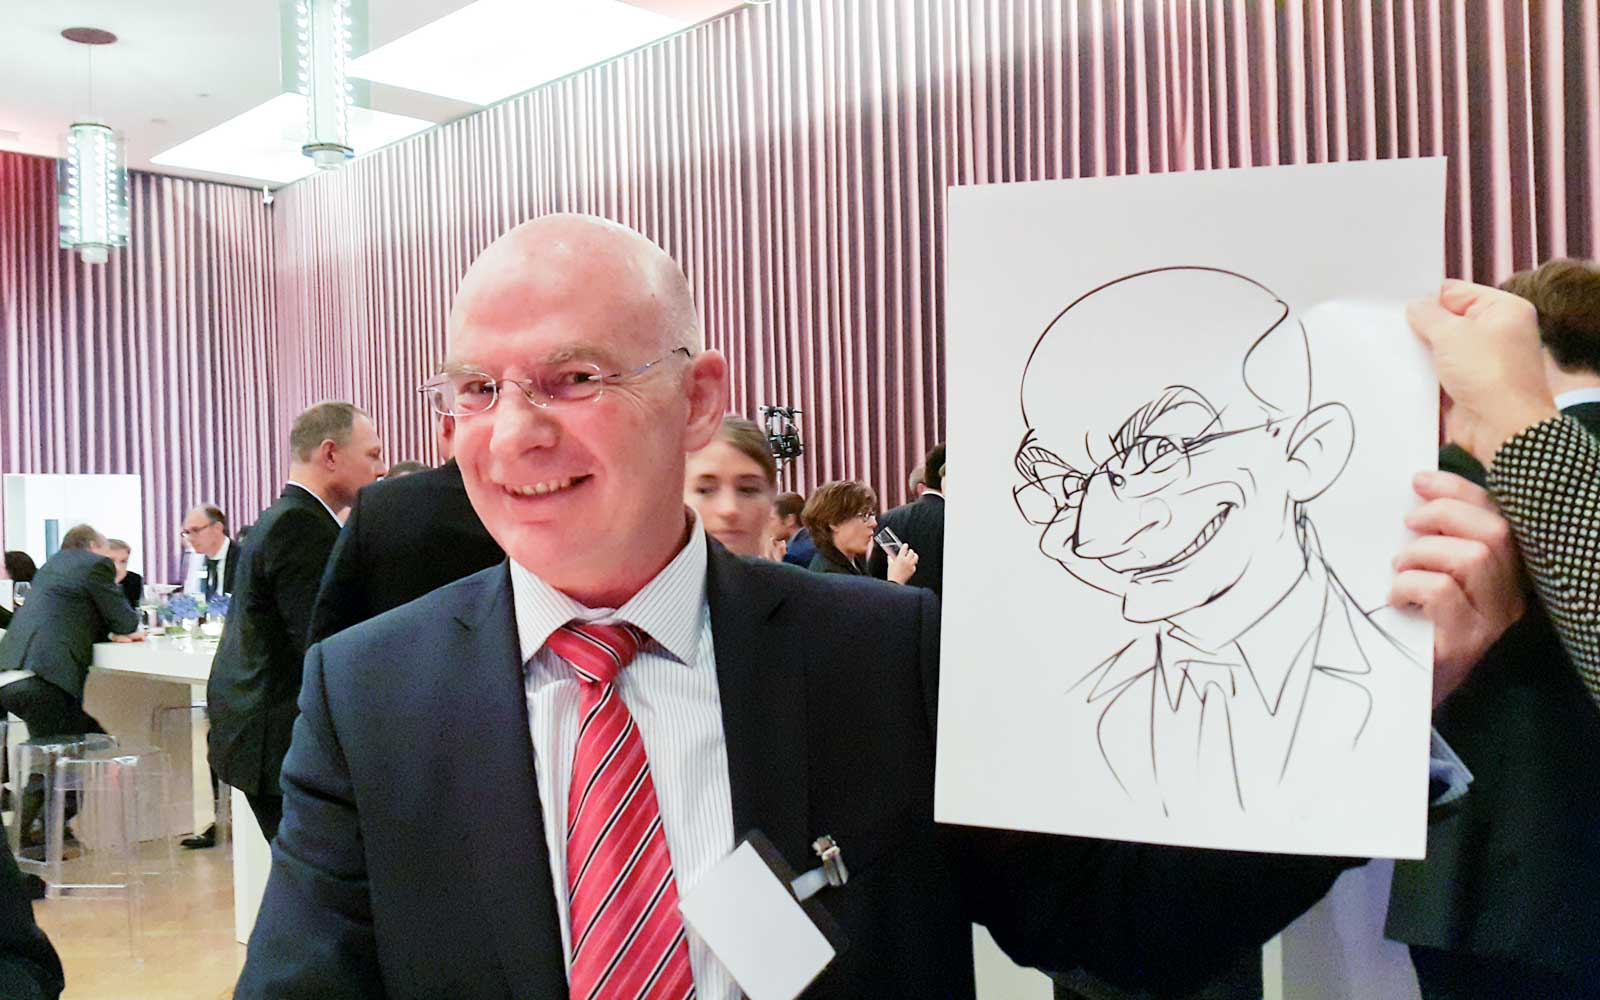 Karikaturist und Schnellzeichner für Messe in Klagenfurt